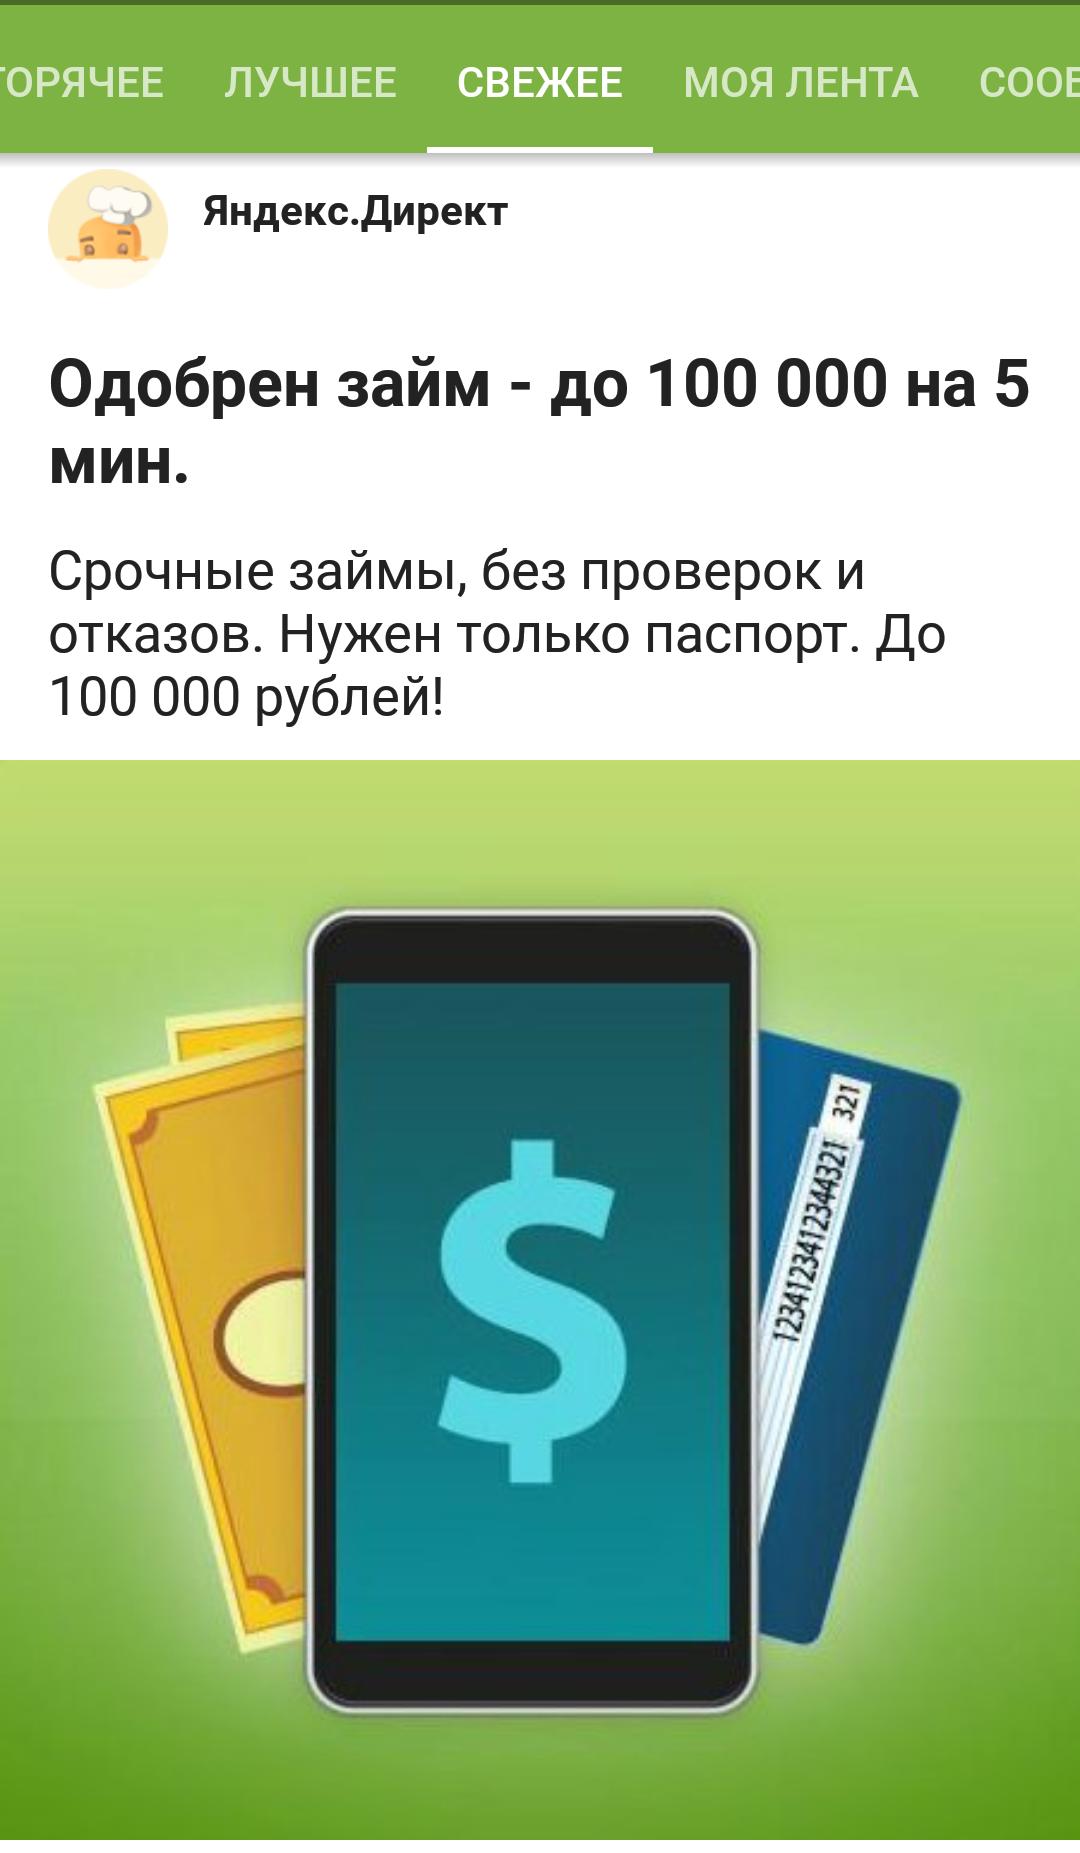 идея банк кредит без справки о доходах и поручителей